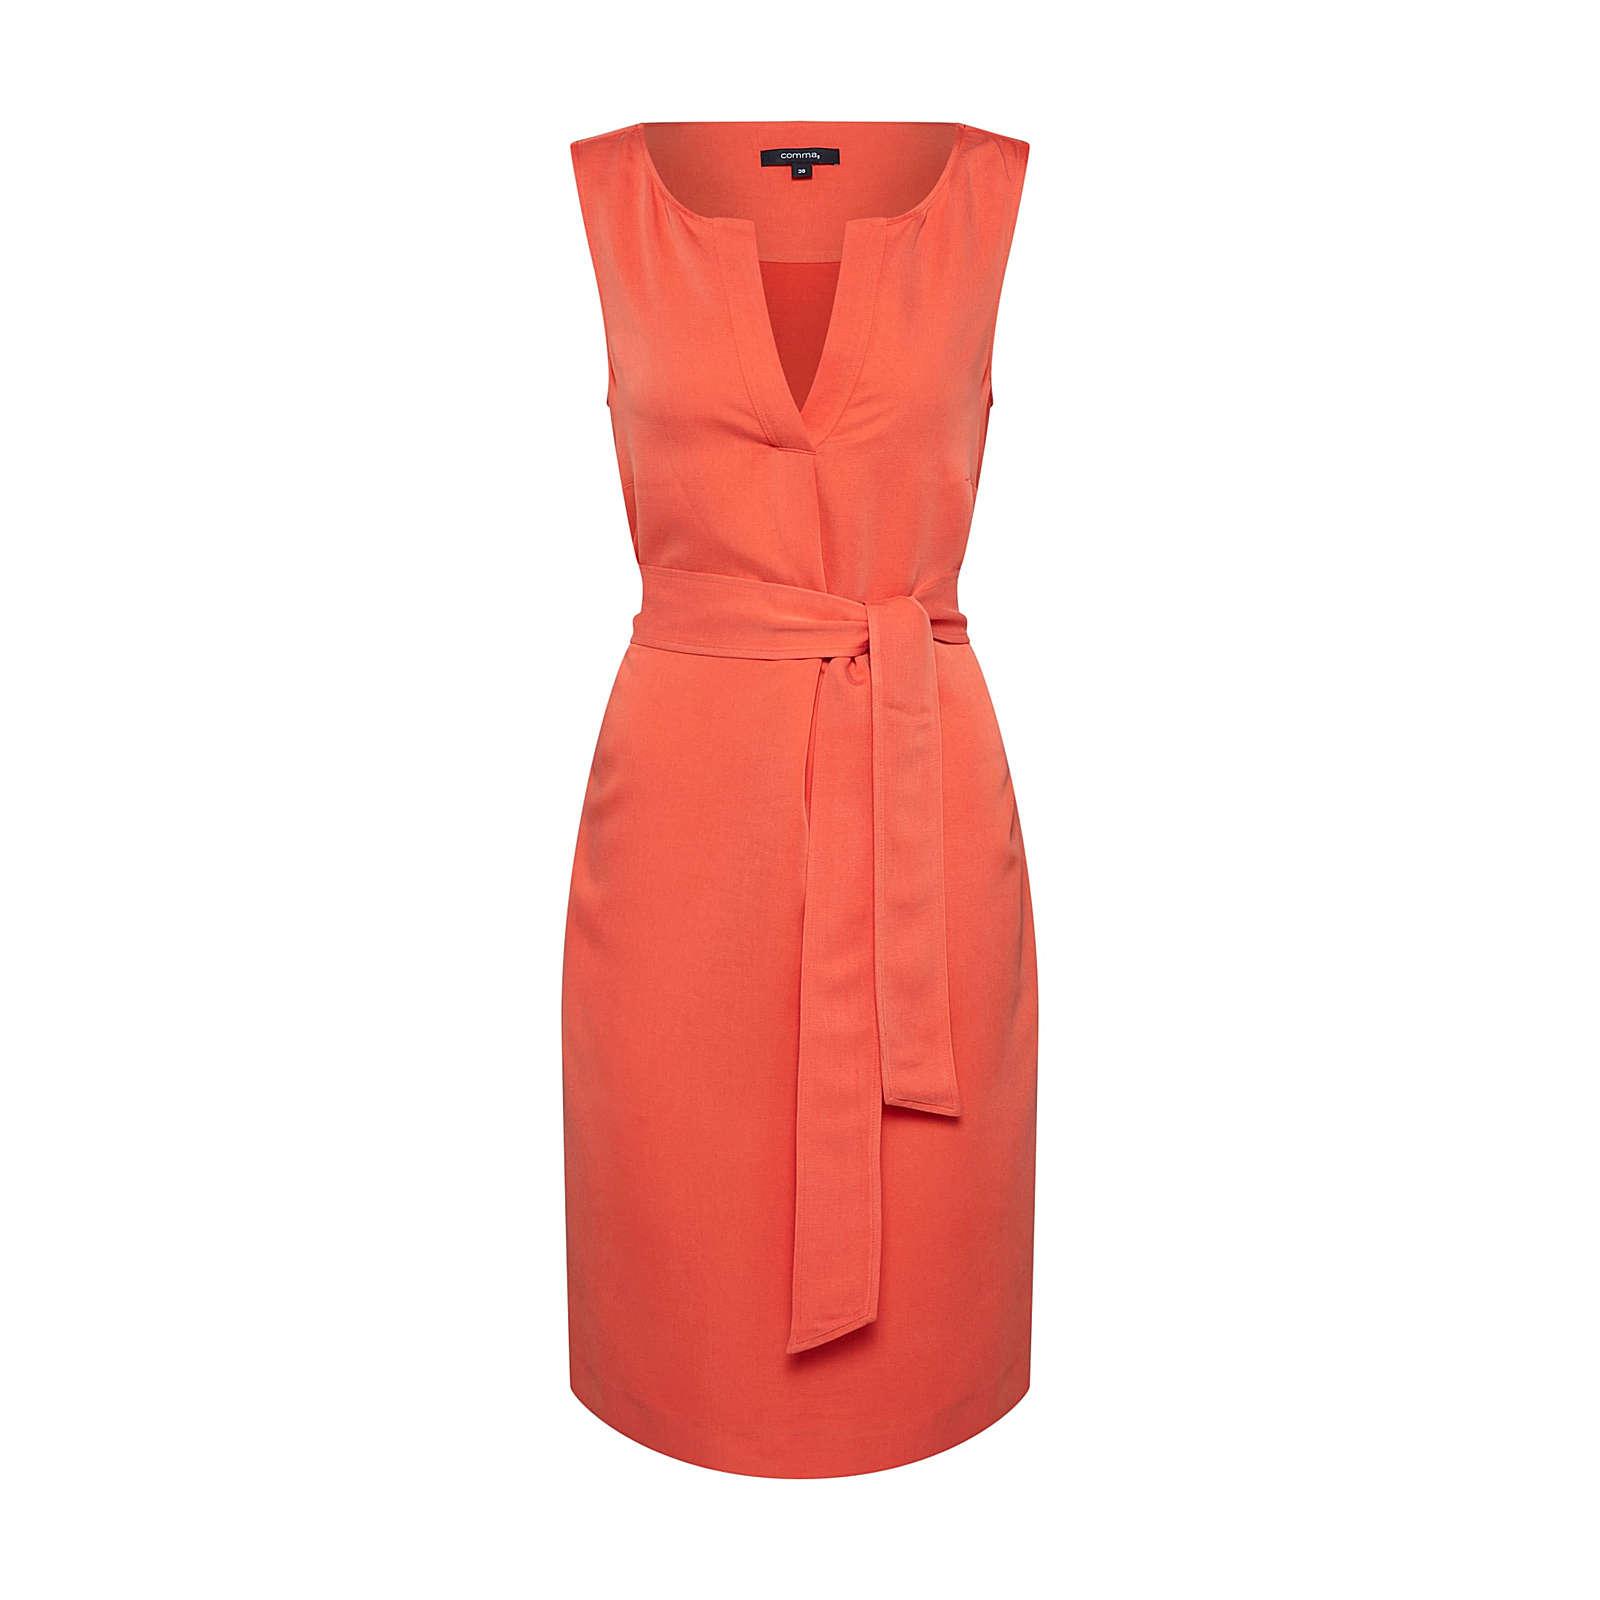 COMMA Sommerkleid Sommerkleider orange Damen Gr. 42